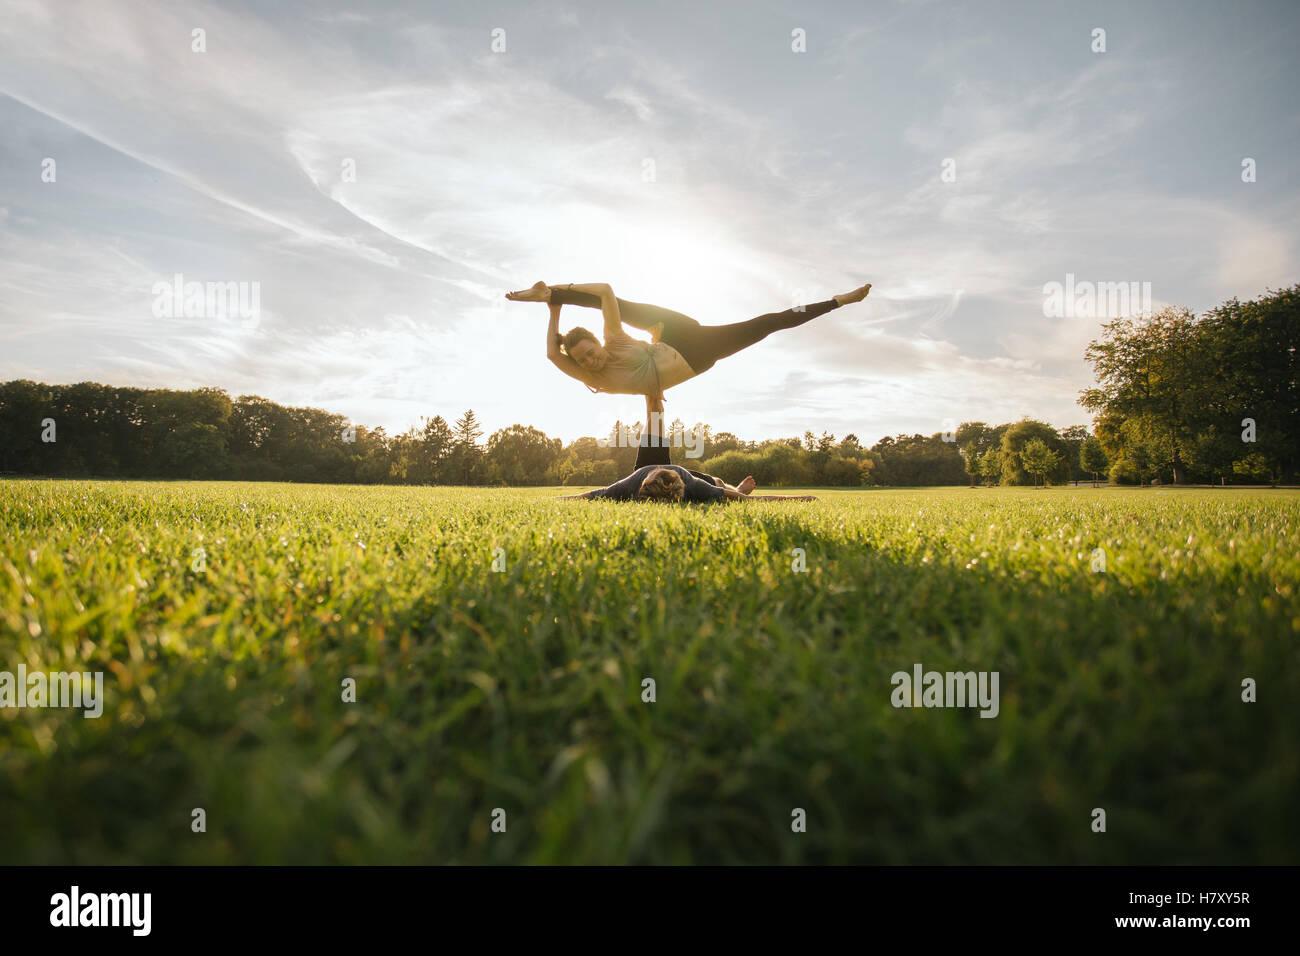 Fit young couple doing yoga acro. Homme étendu sur l'herbe et l'équilibre entre la femme à son pieds. Parc acrobatique Banque D'Images